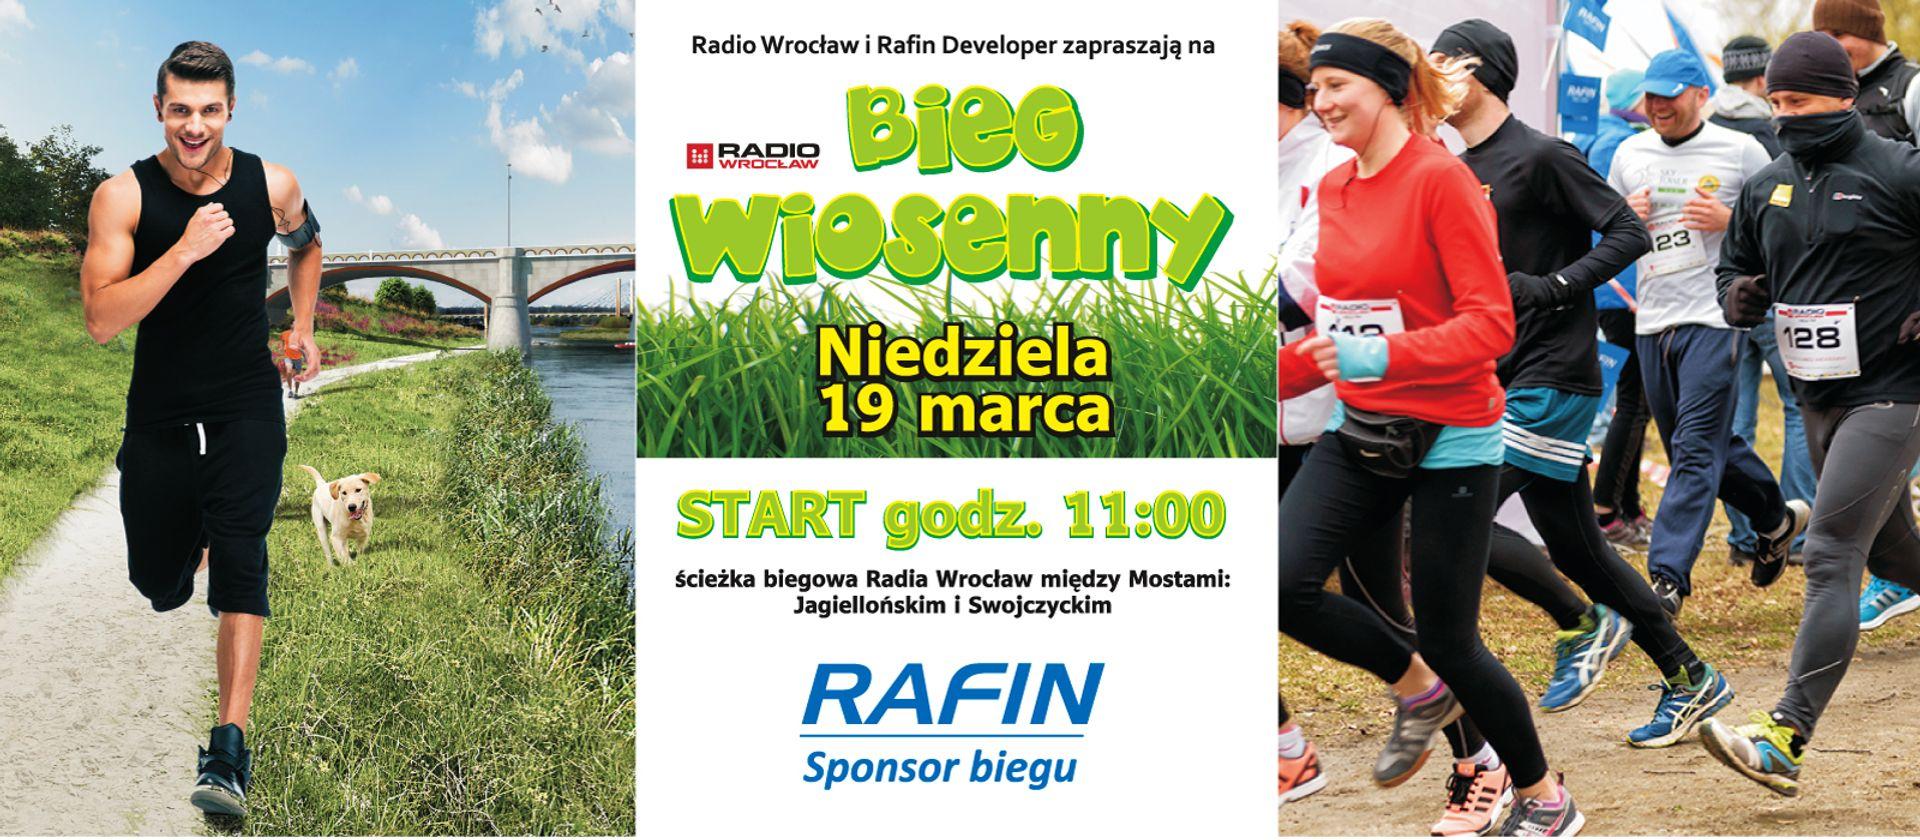 [Wrocław] Bieg Wiosenny z Radiem Wrocław i Rafin Developer